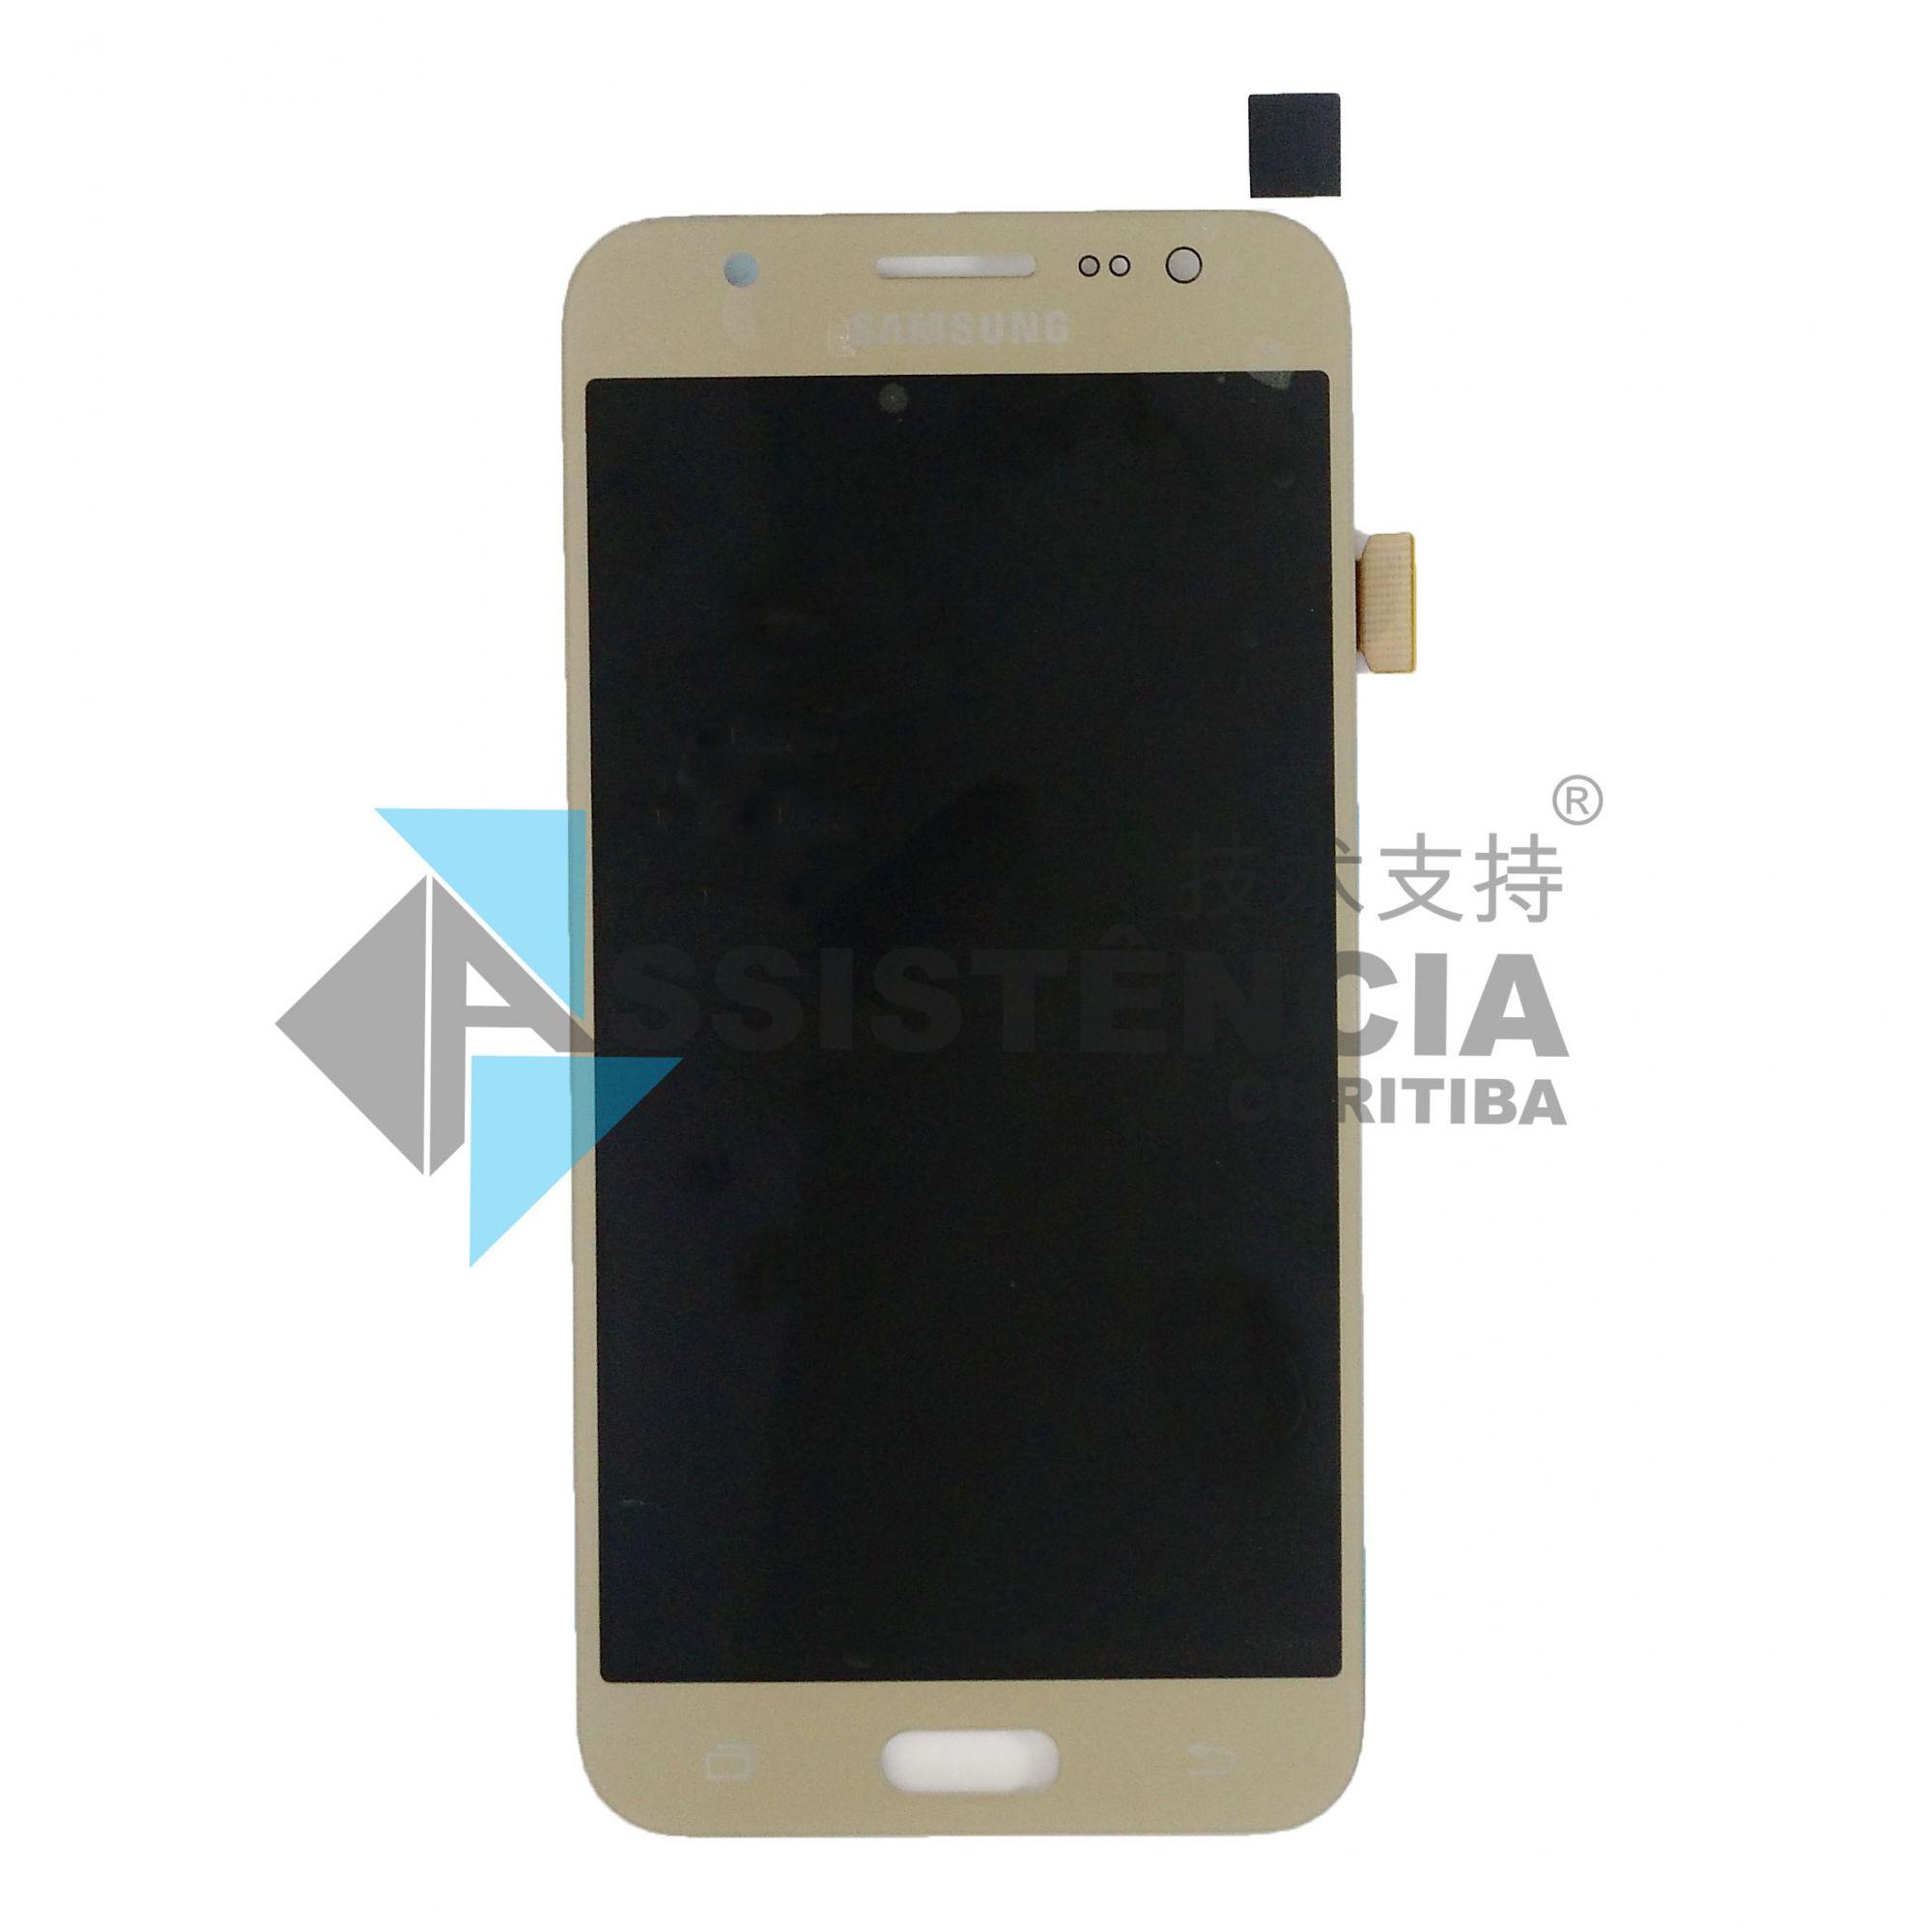 Tela Display Samsung Galaxy J5 J500 Sm-J500M/Ds Original Ch Dourado